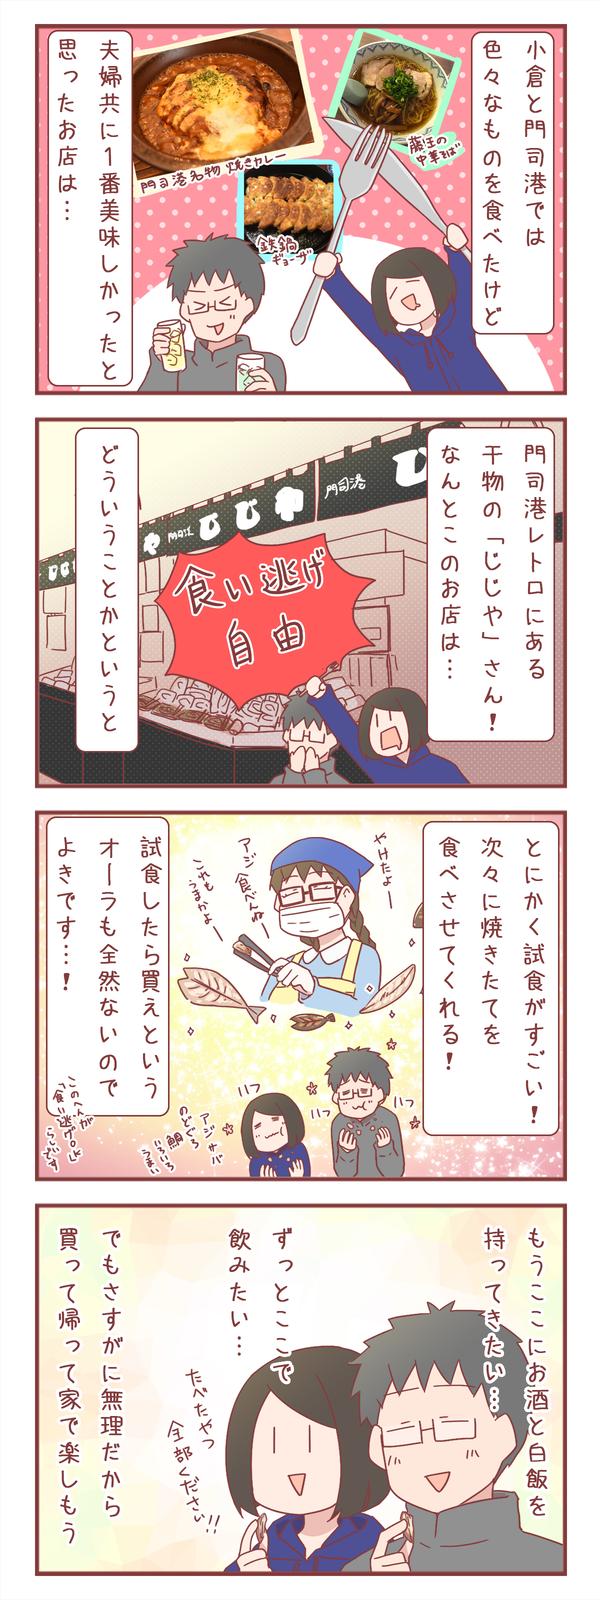 小倉、門司港で1番美味しかったお店は「食い逃げOK」!?